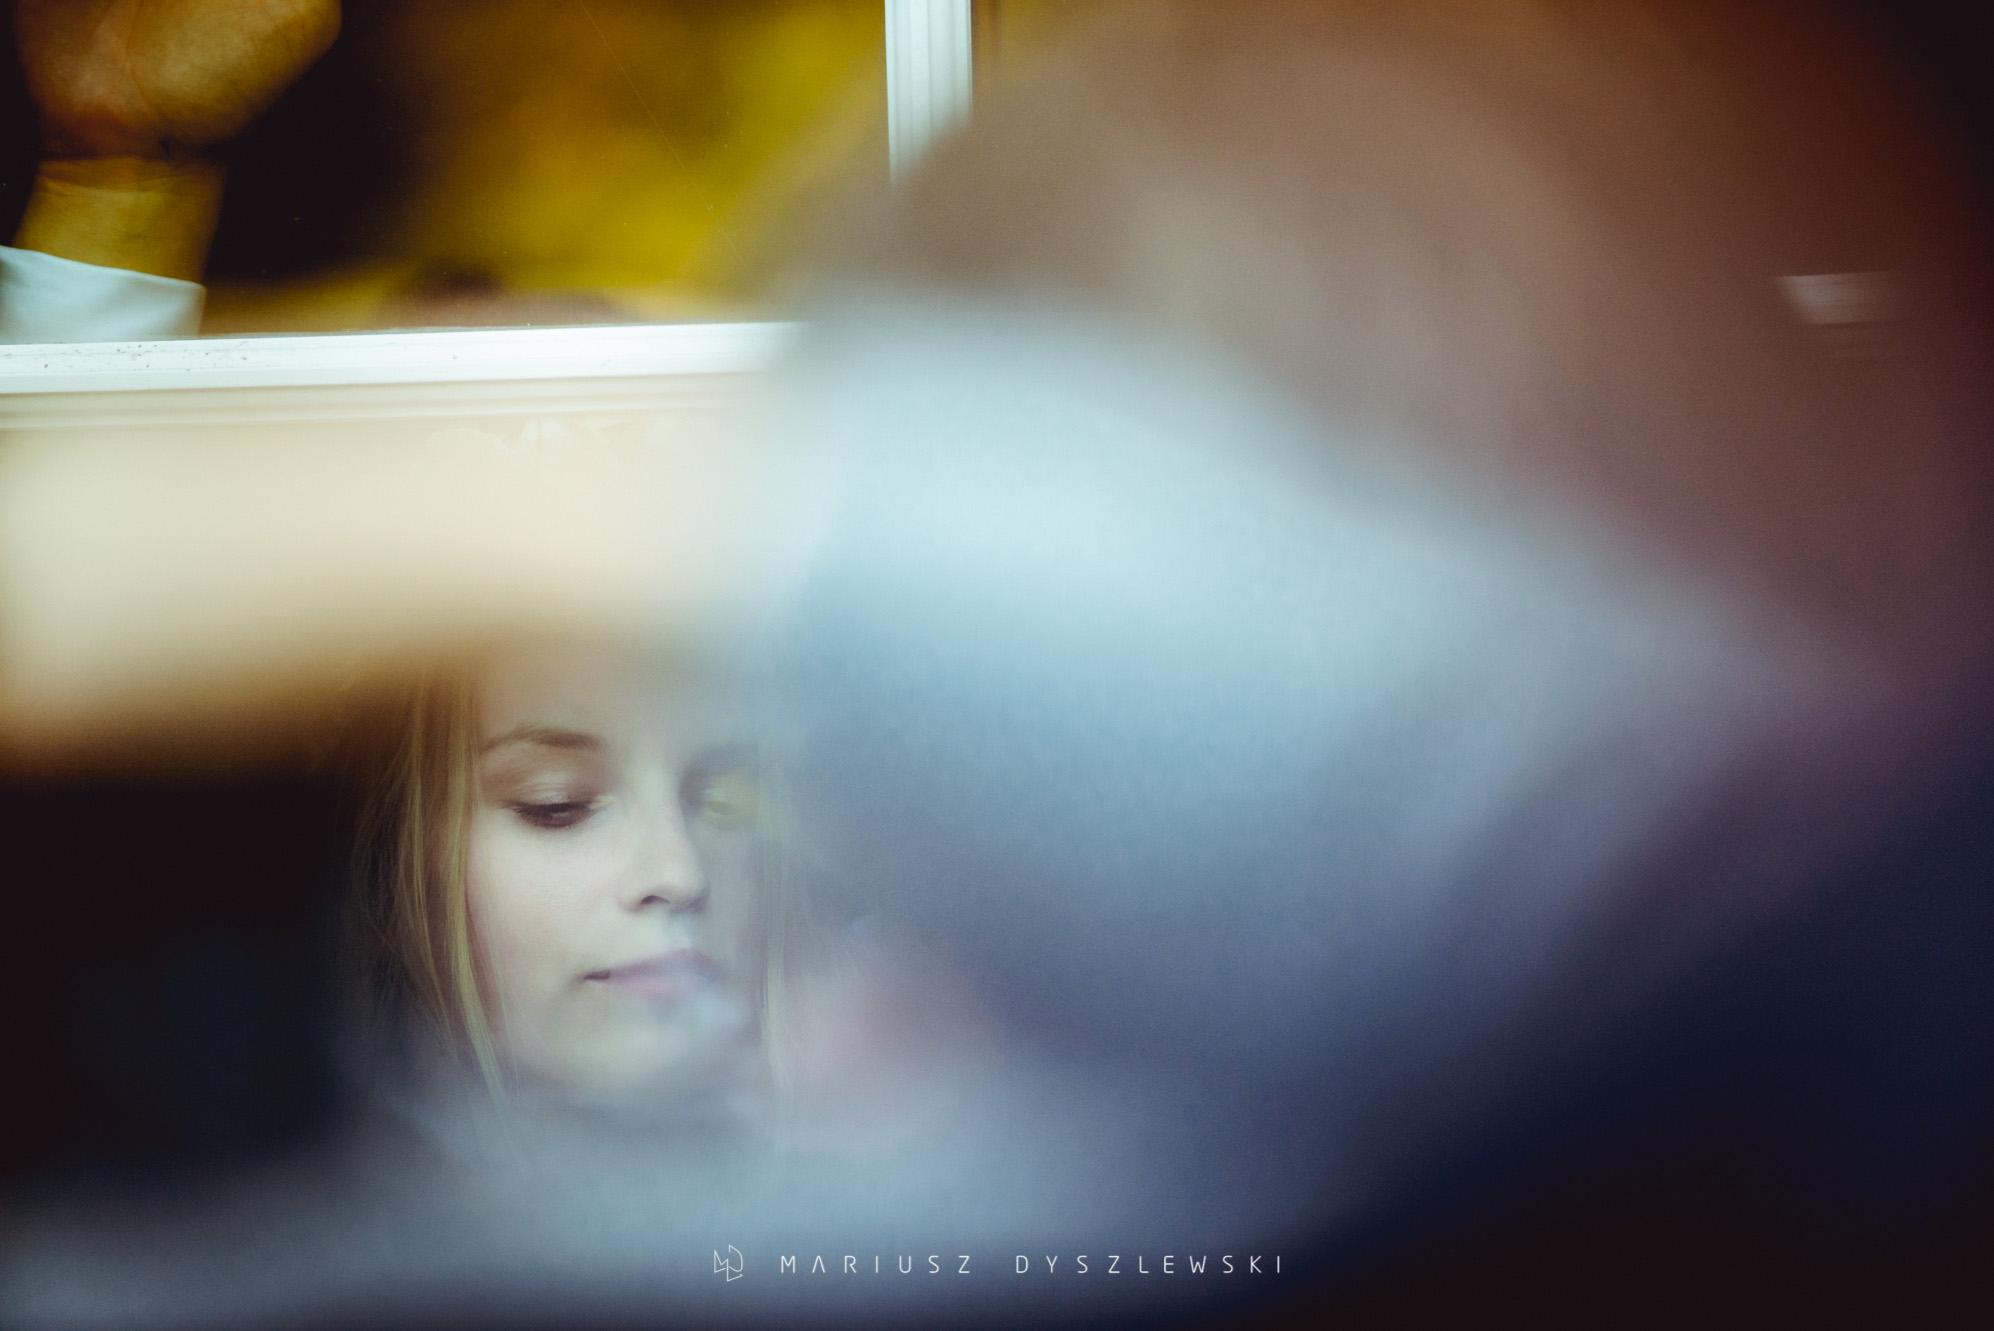 mariusz_dyszlewski_fotograf_ślubny (2)